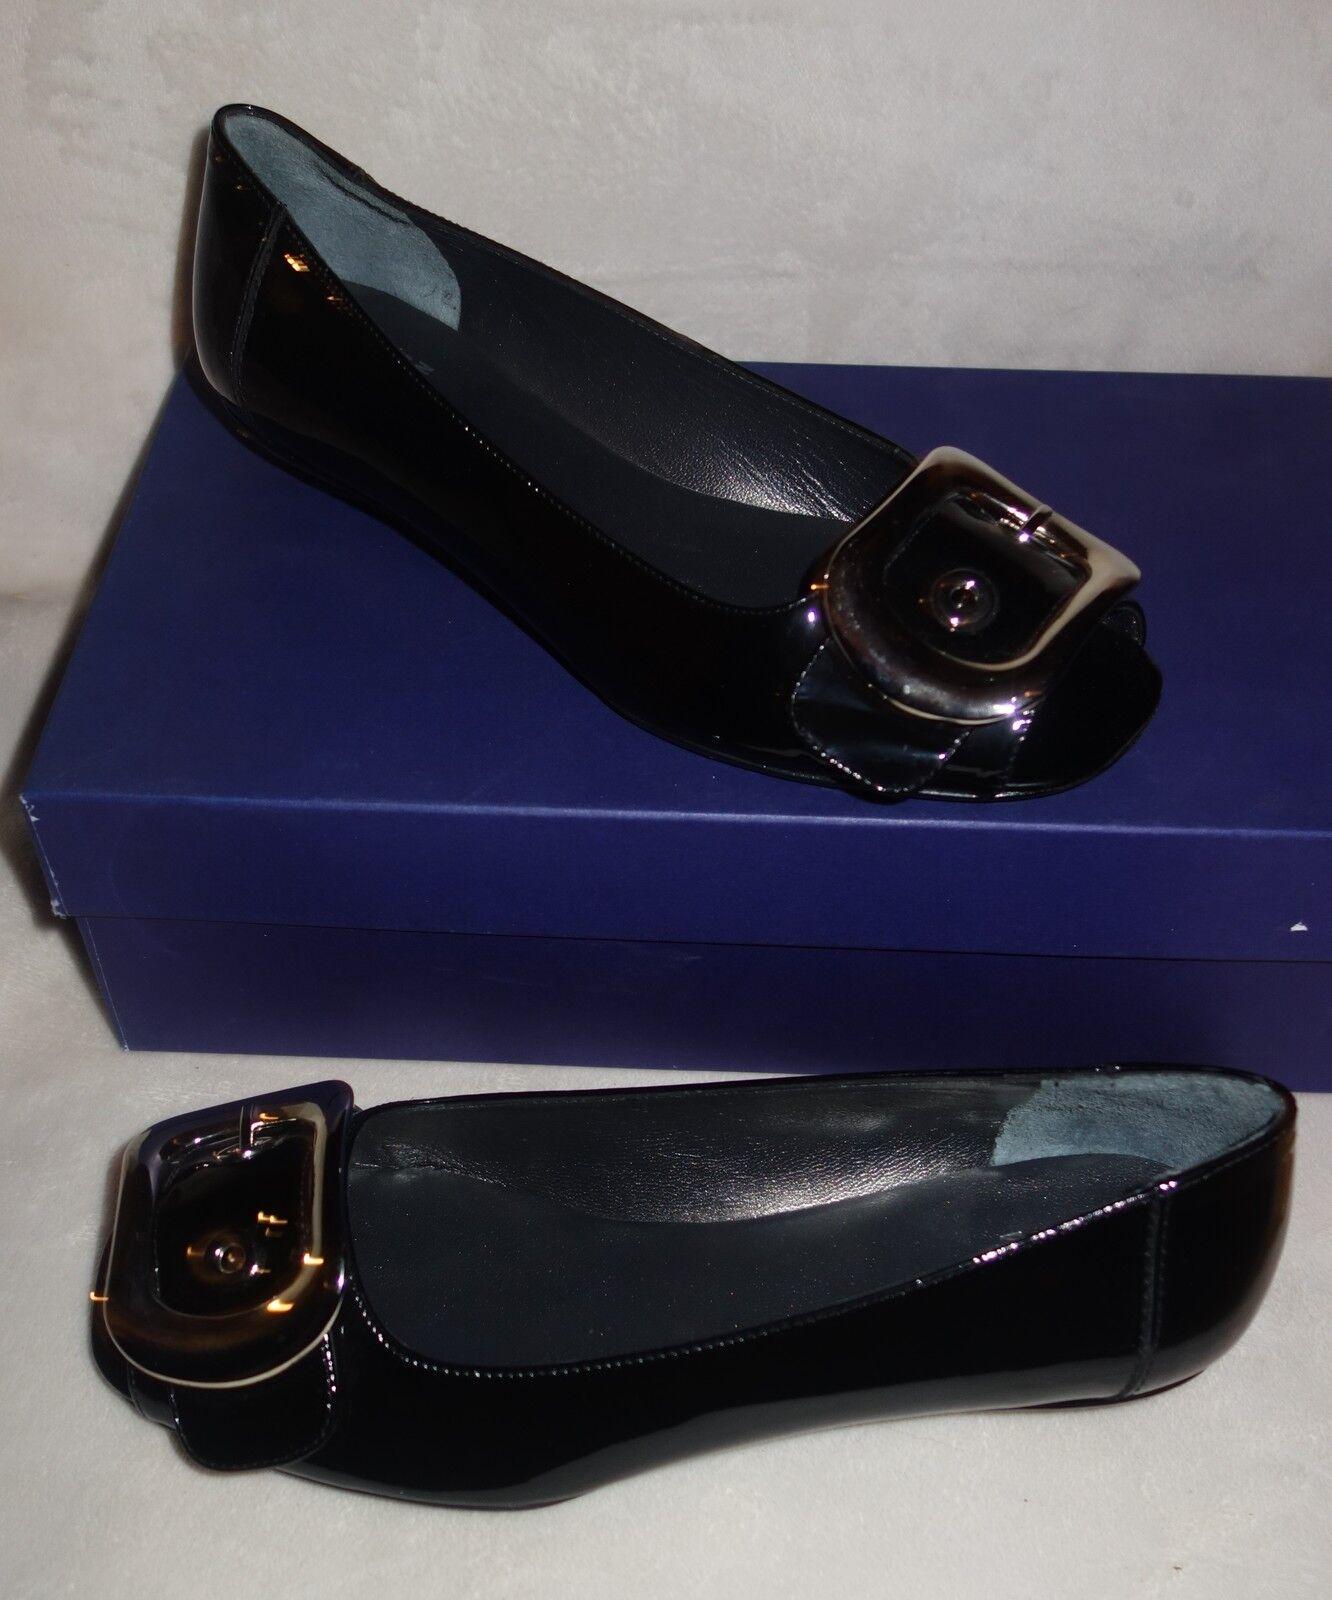 Stuart Weitzman Black Patent Young Buck Peep Toe Flats - sz 36.5 US SZ 6  new